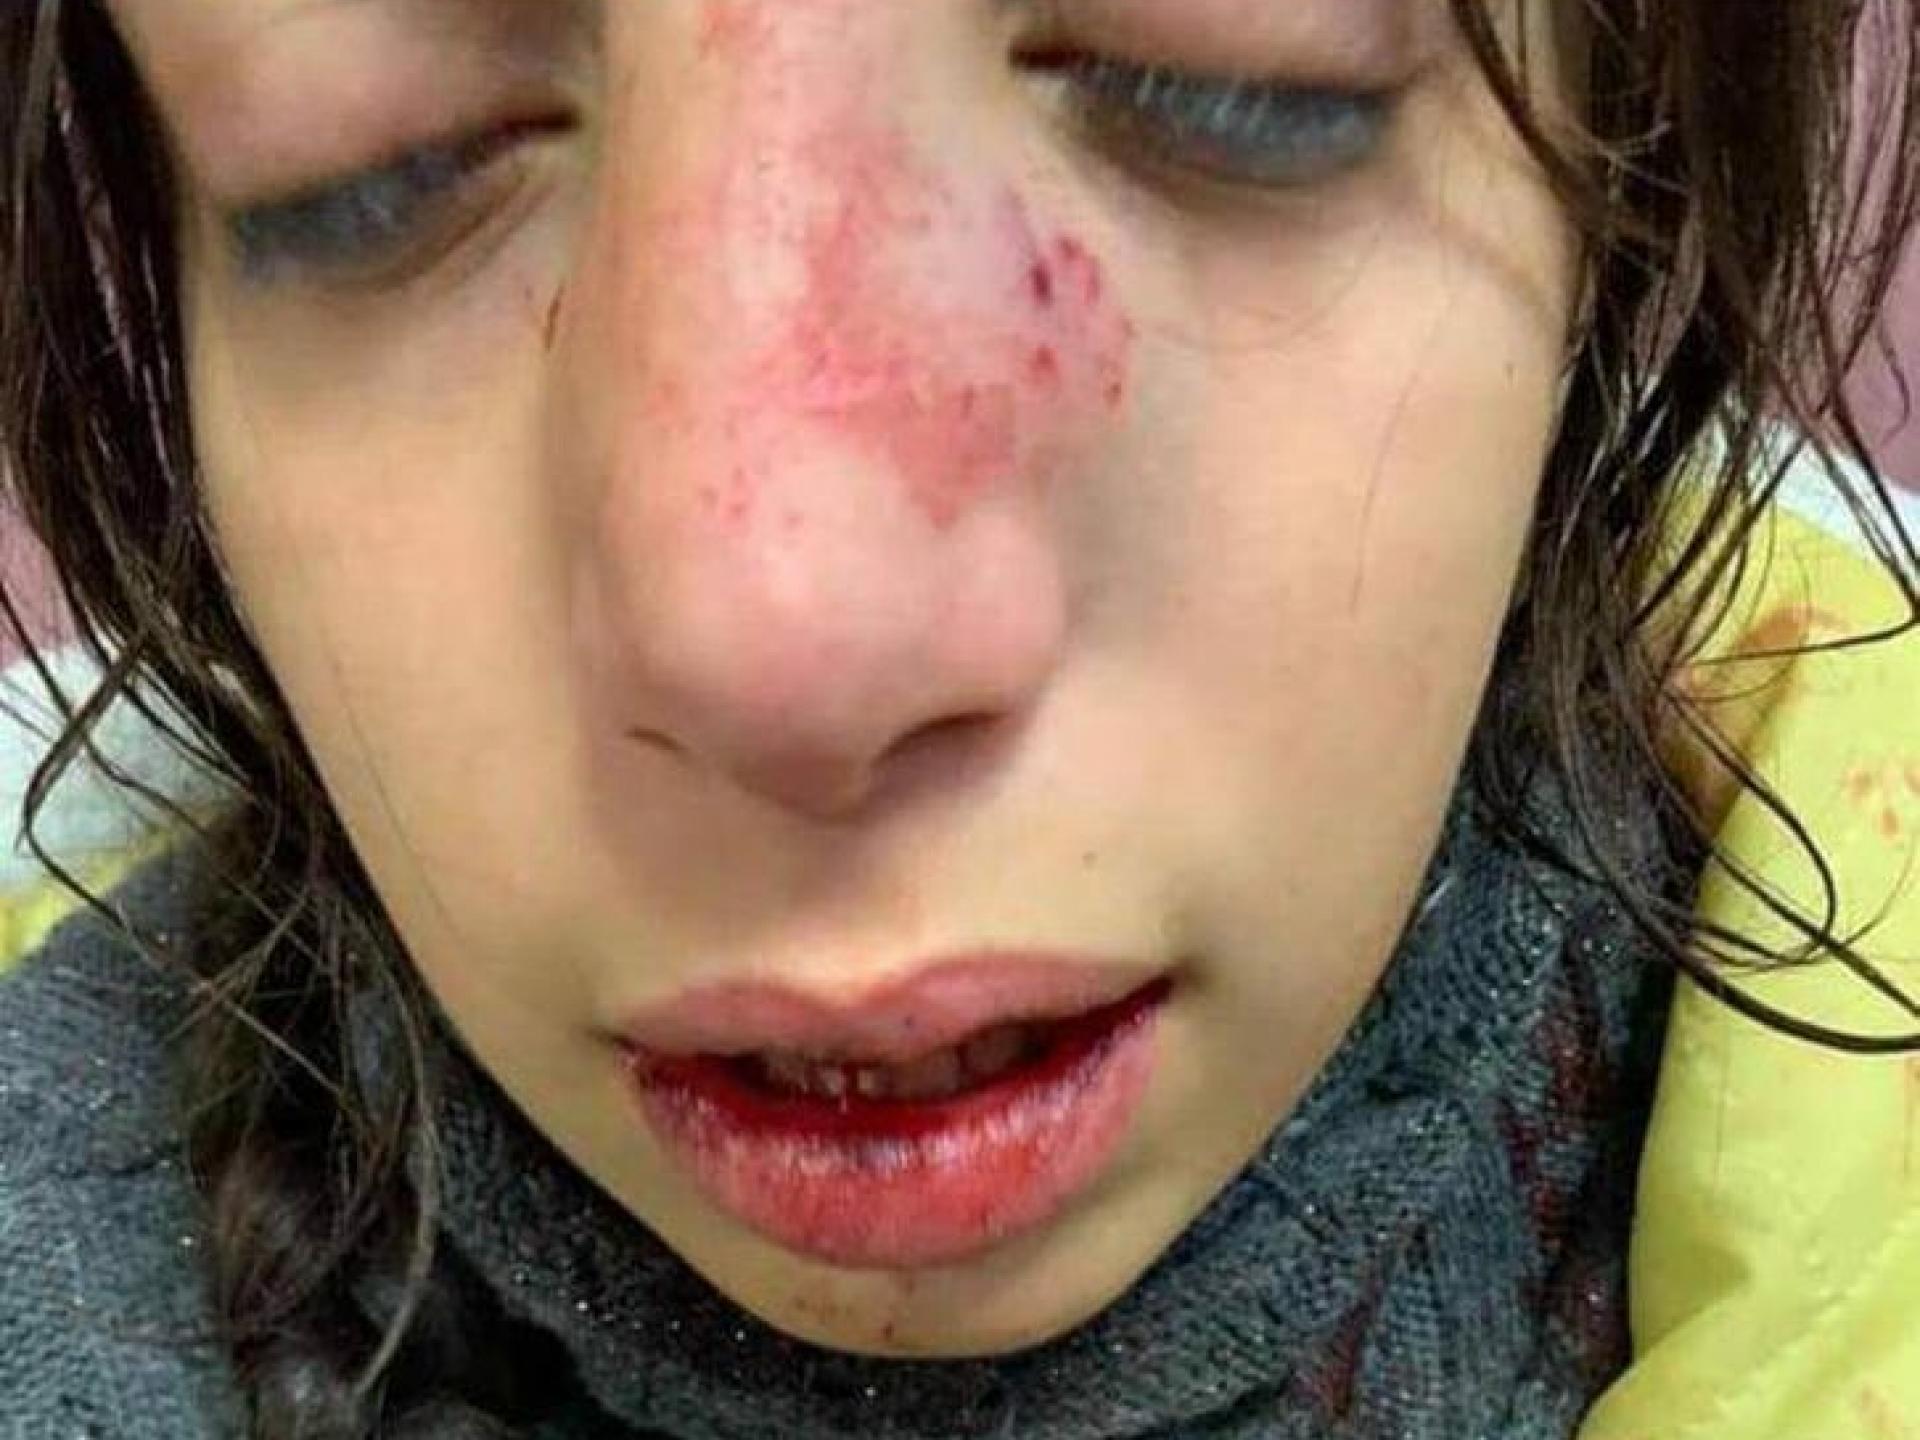 הילדה הפצועה